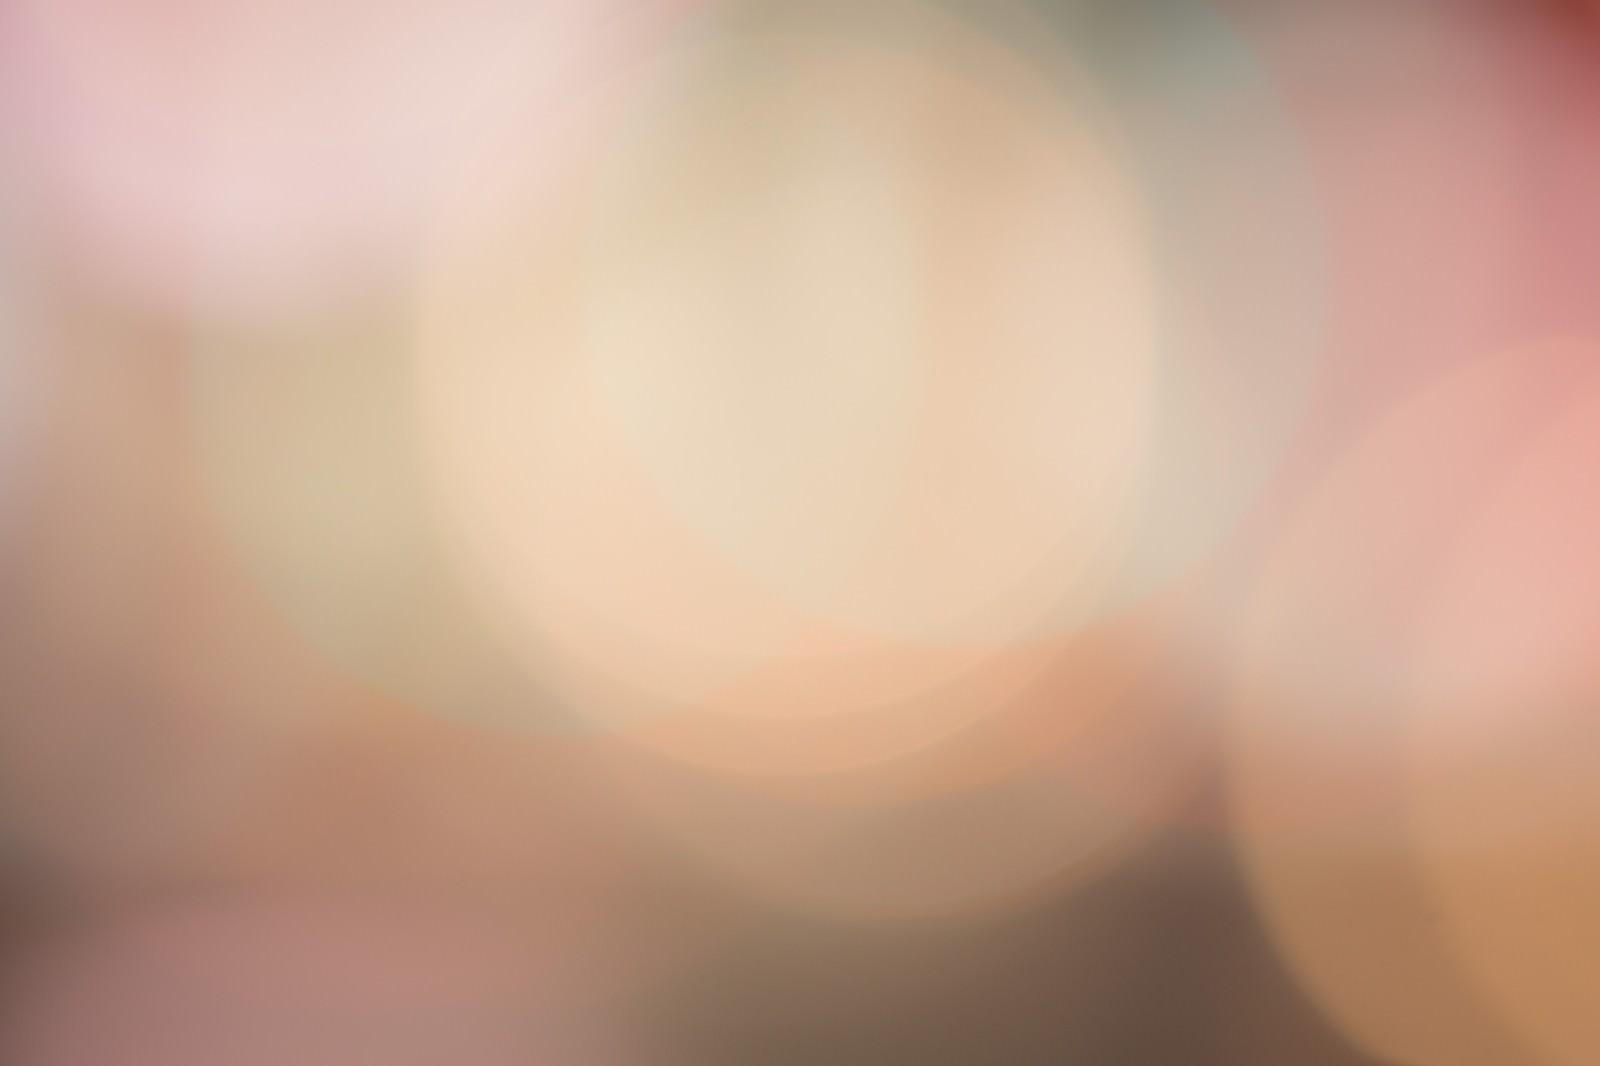 「歓楽街の光のボケ」の写真